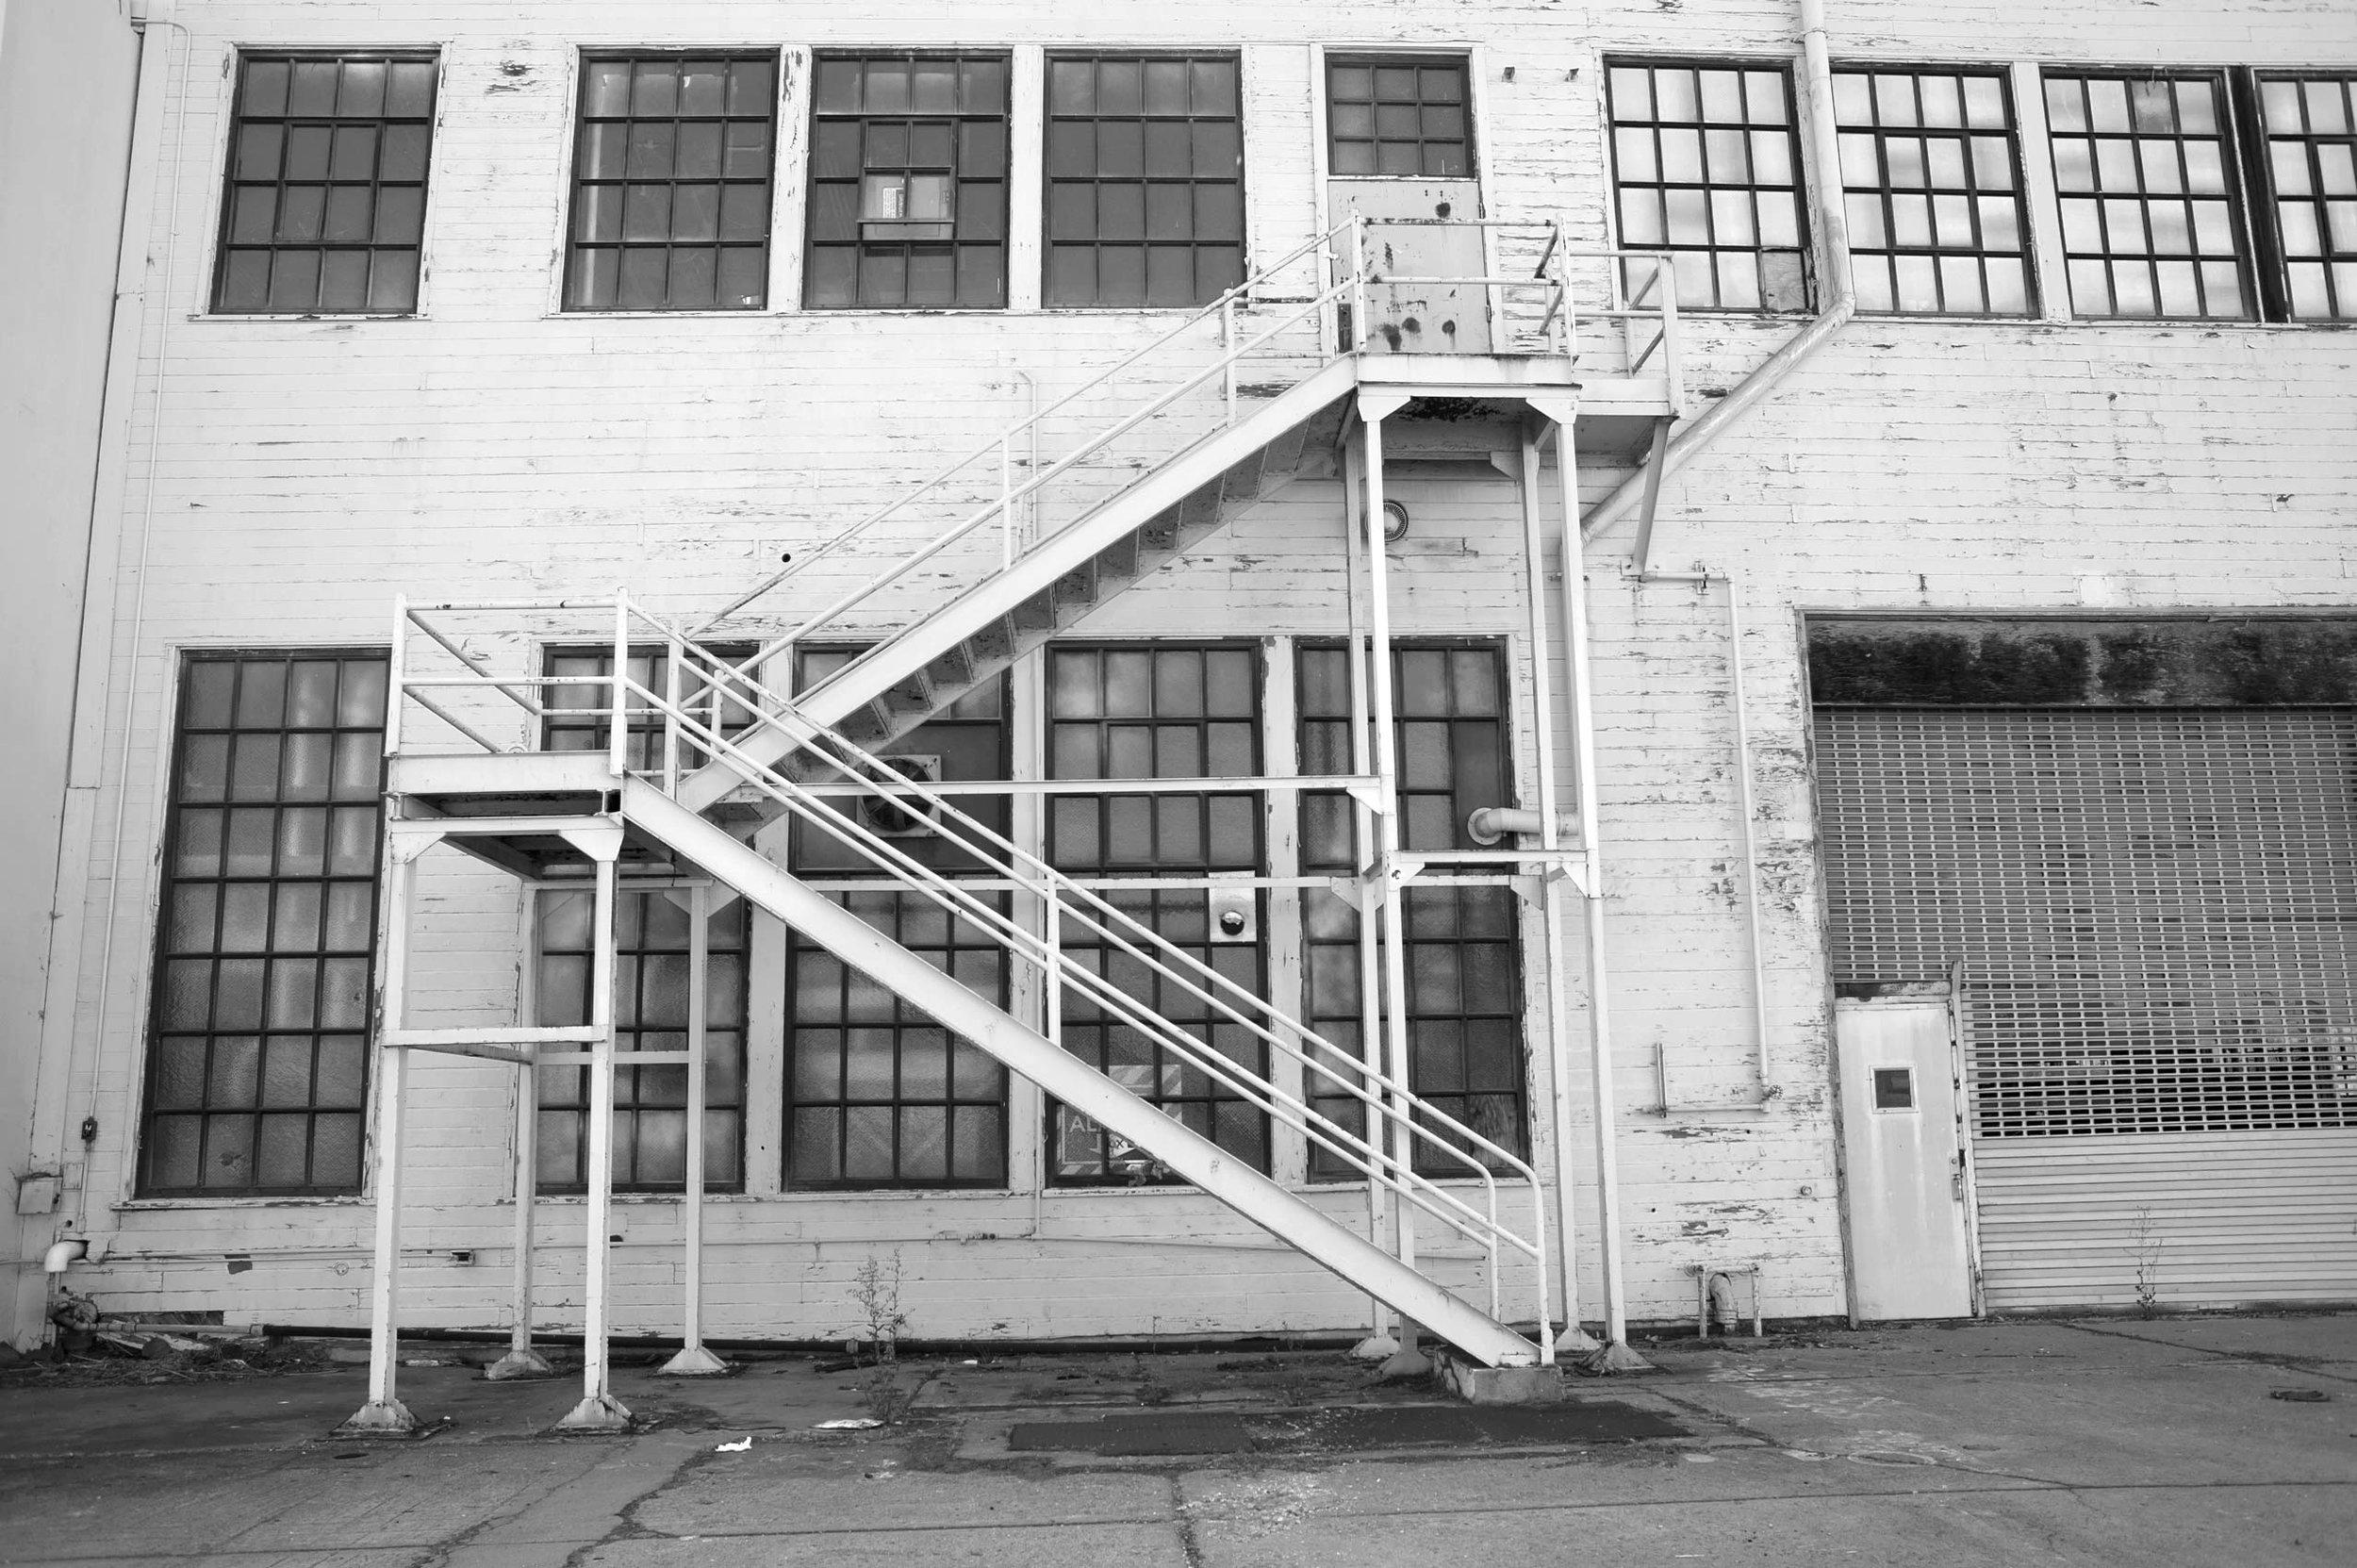 StairwayMrgd.jpg